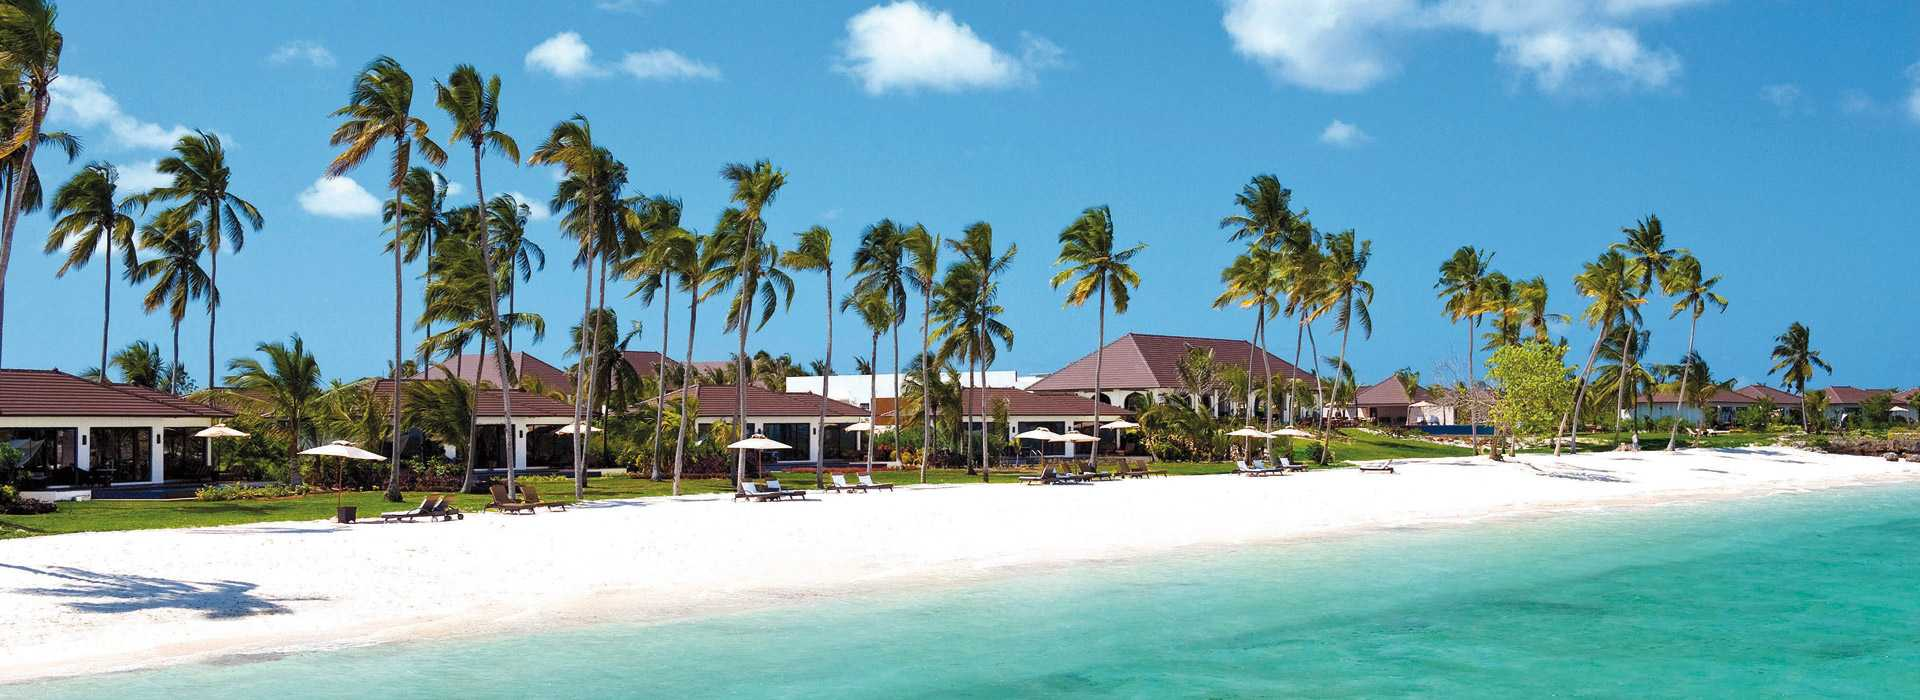 Tanzania Zanzibar Beaches Somak